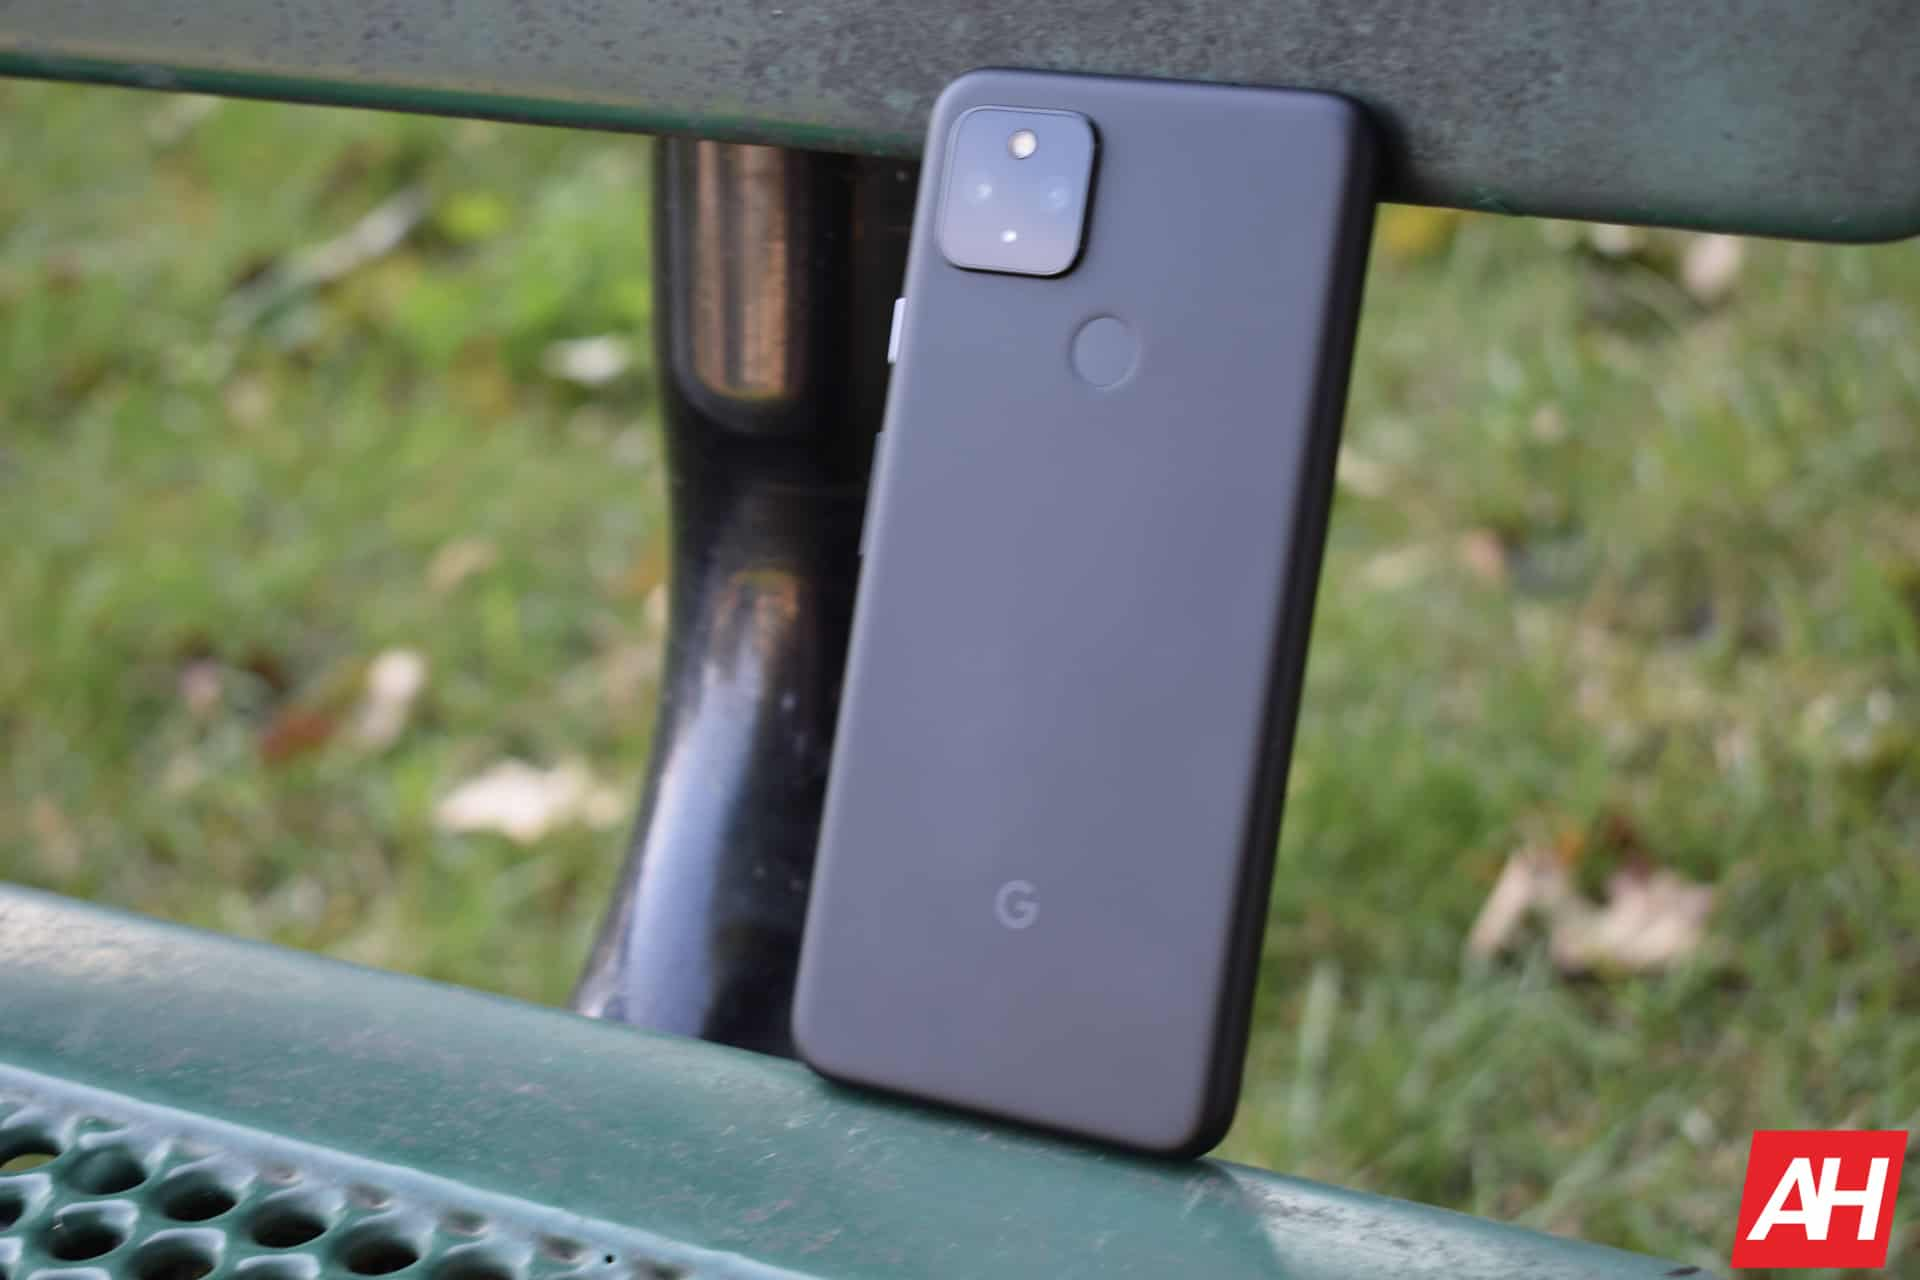 Google Pixel 4a 5G AM AH 4 1